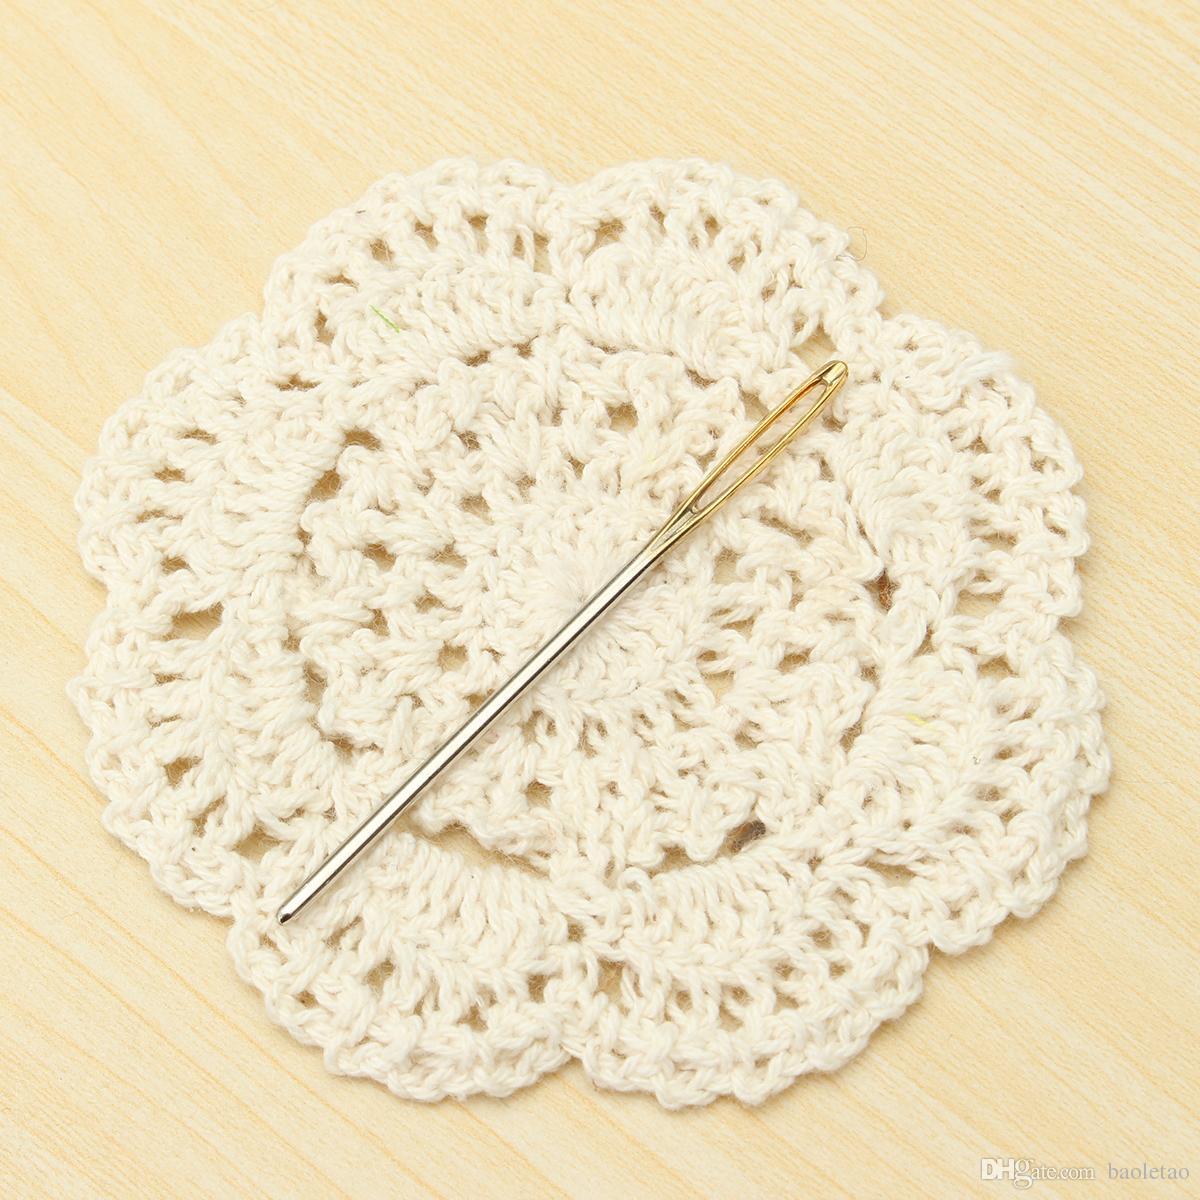 3 tailles grandes aiguilles à coudre à tricoter or oeil aiguille broderie tapisserie bricolage outils